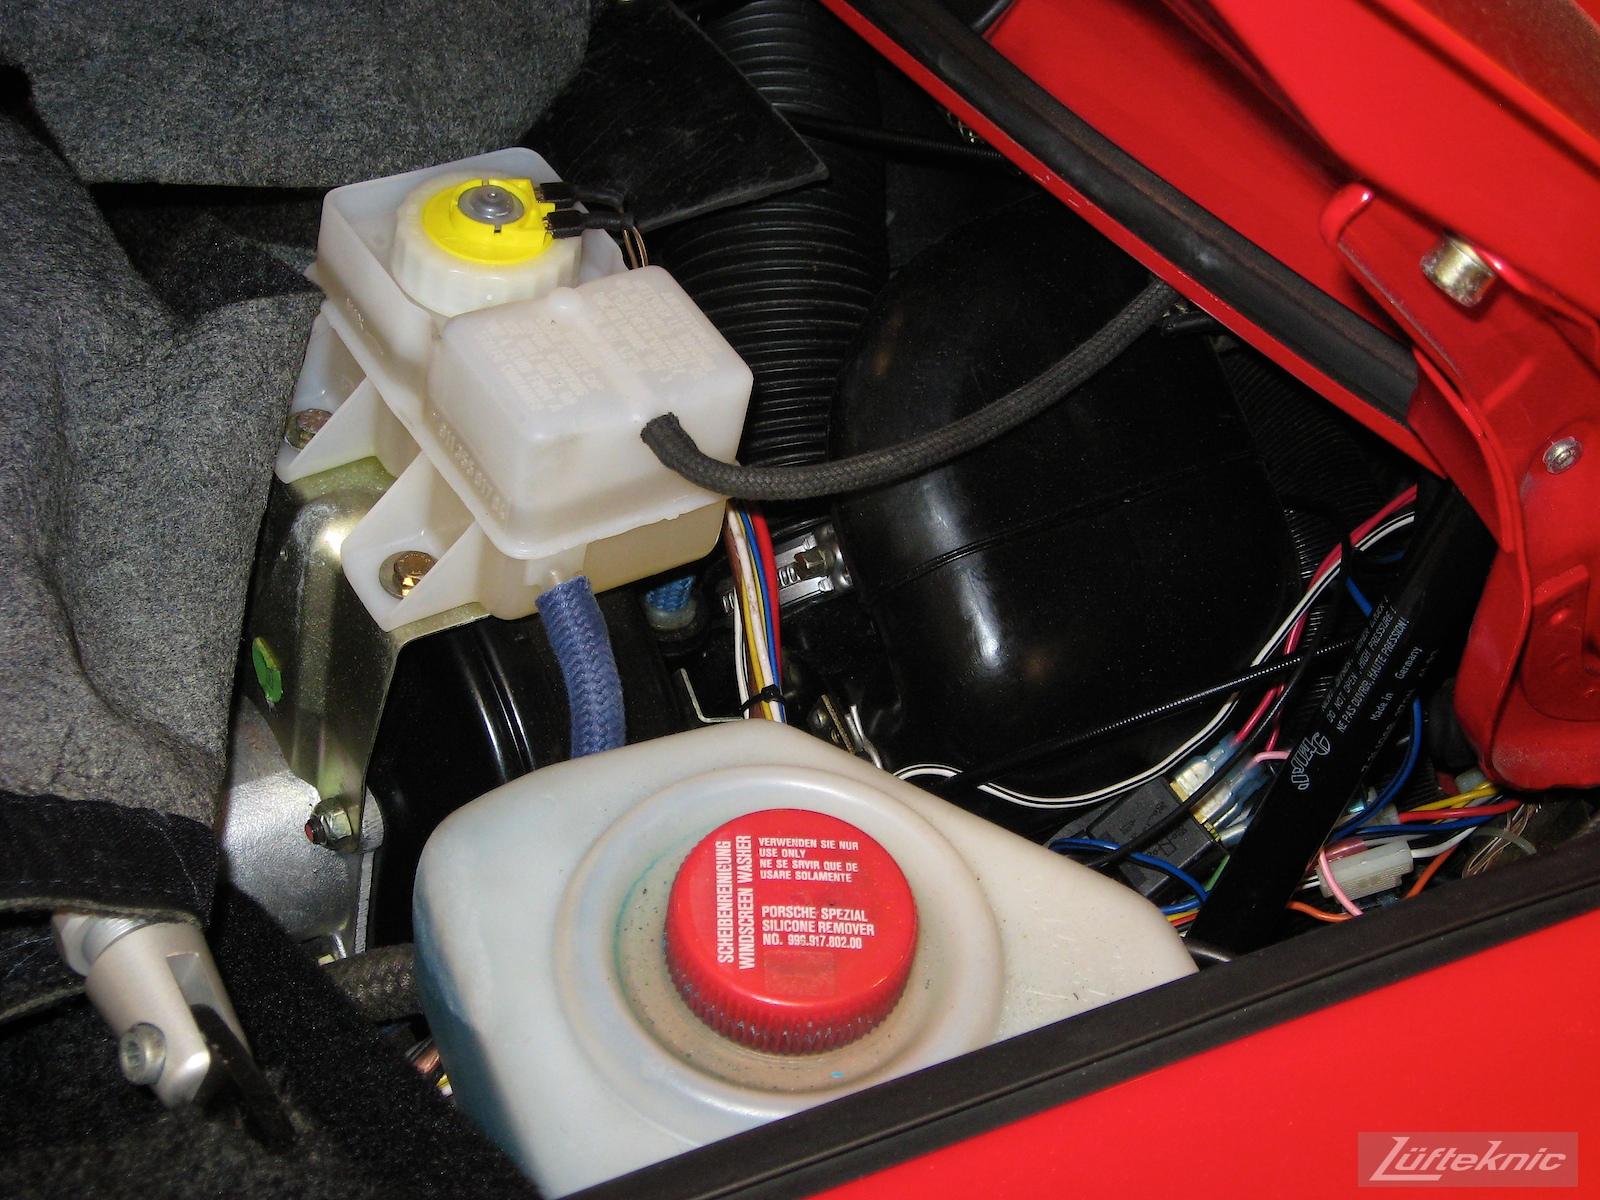 Porsche 930 Turbo 5 speed conversion.